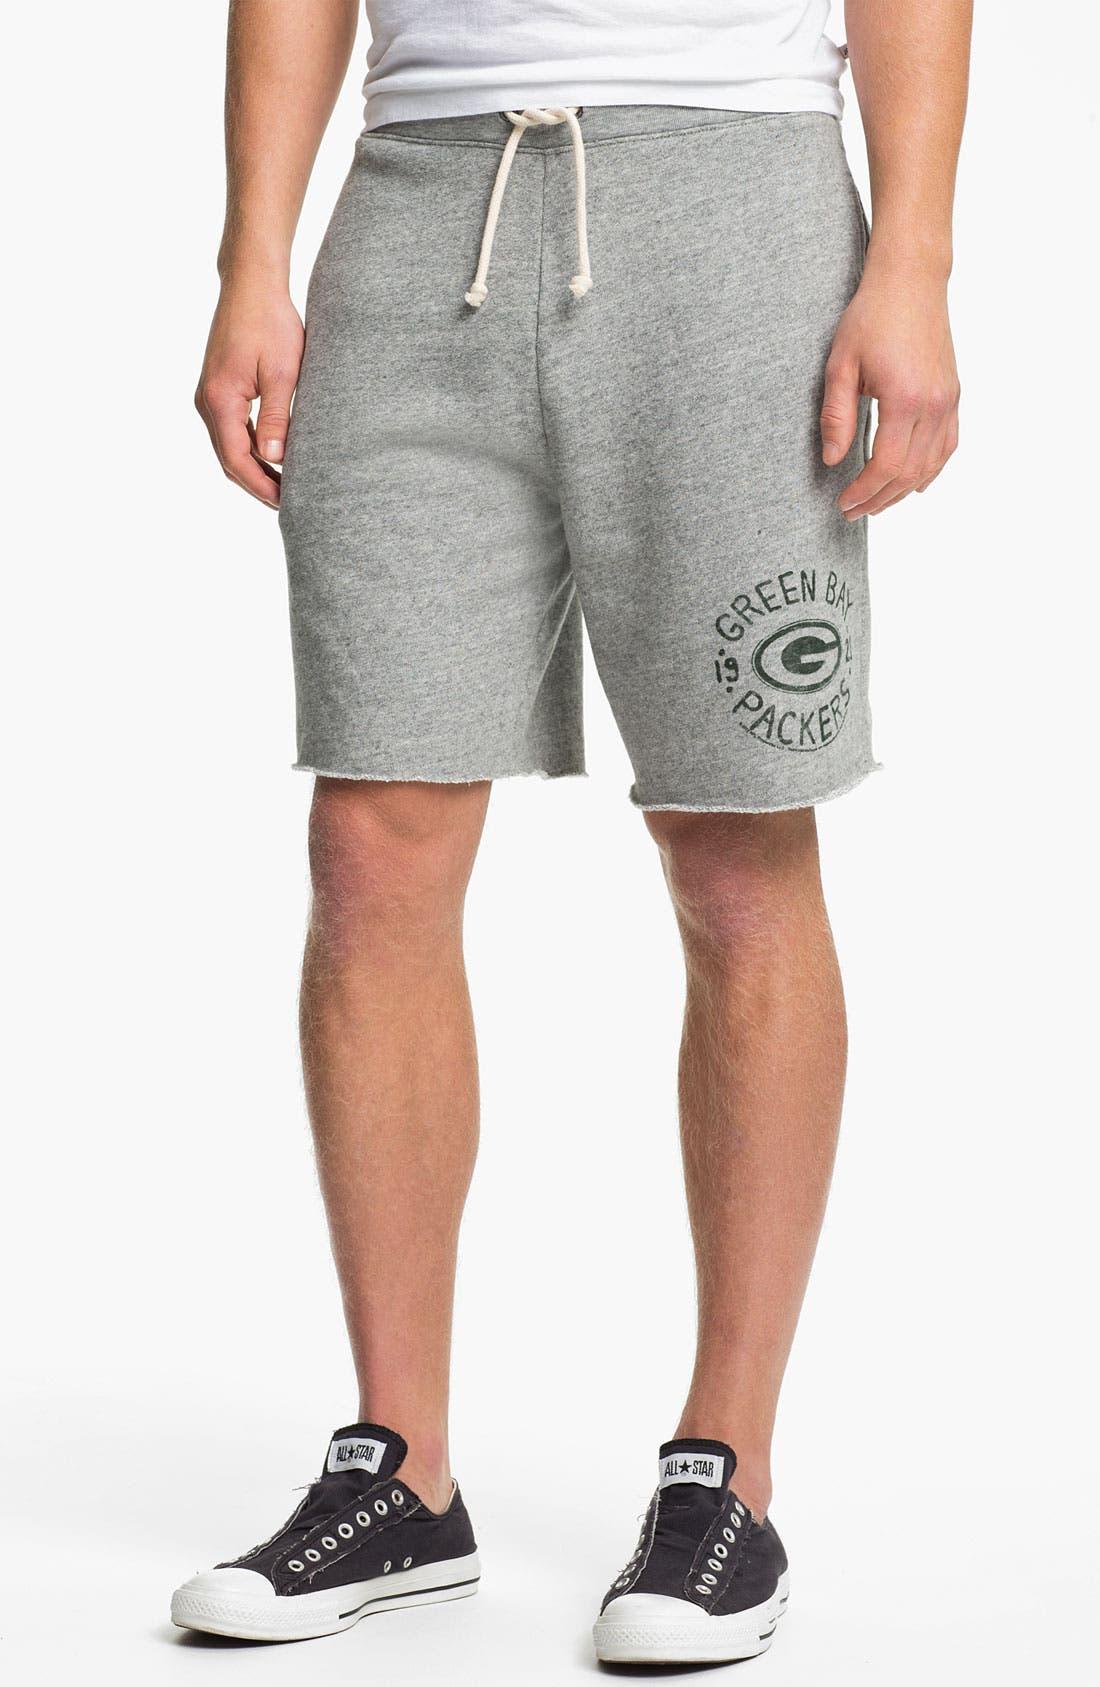 Main Image - Junk Food 'Green Bay Packers' Athletic Shorts